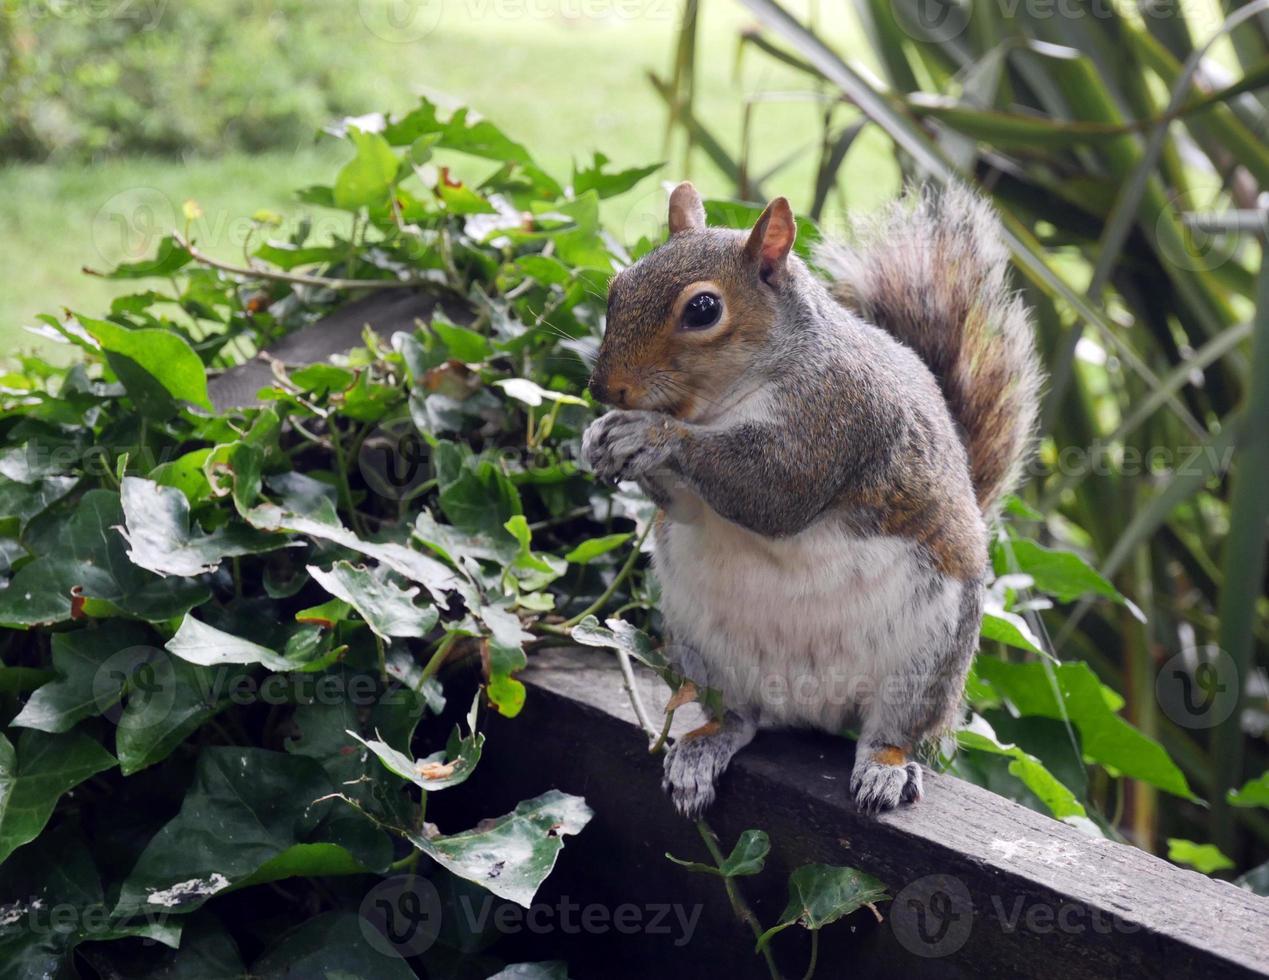 zahmes Eichhörnchen, das Nüsse isst, cambridgeshire uk foto